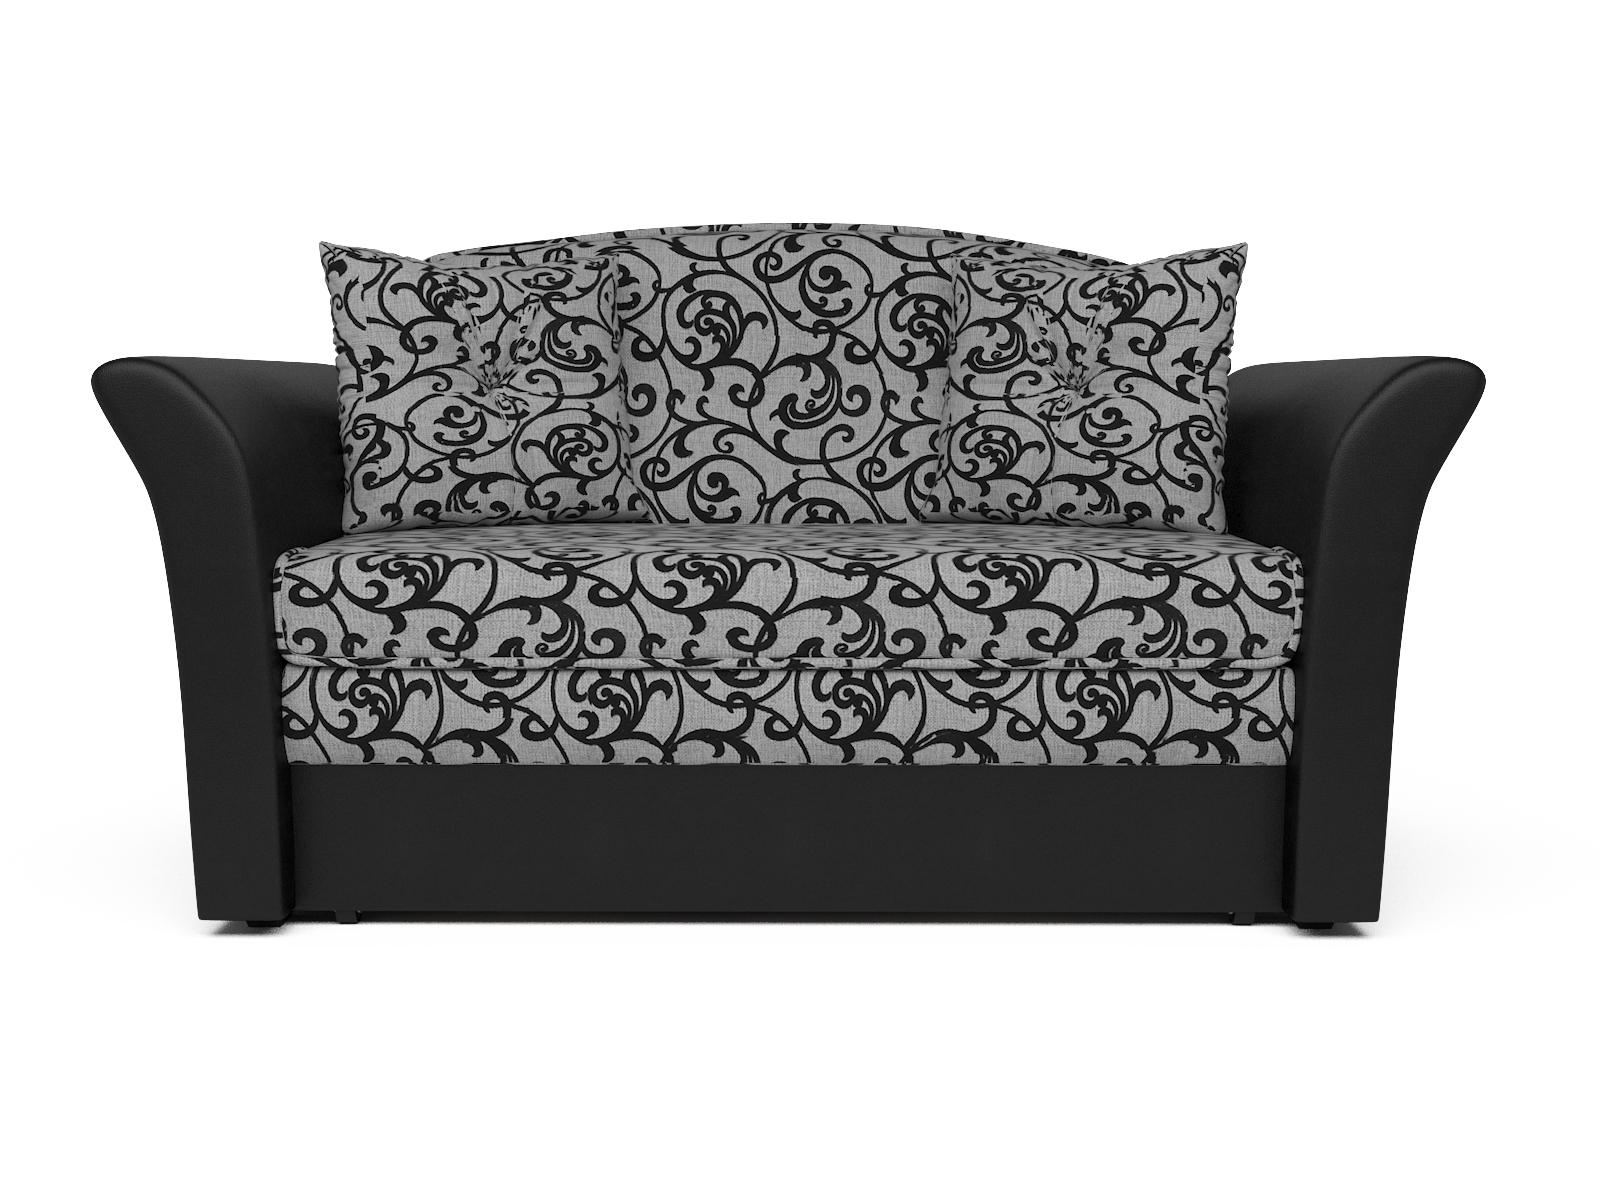 Фото - Диван Малютка 2 MebelVia , Черный, Рогожка, Брус сосны диван малютка кармен mebelvia черный серый жаккард экокожа брус со